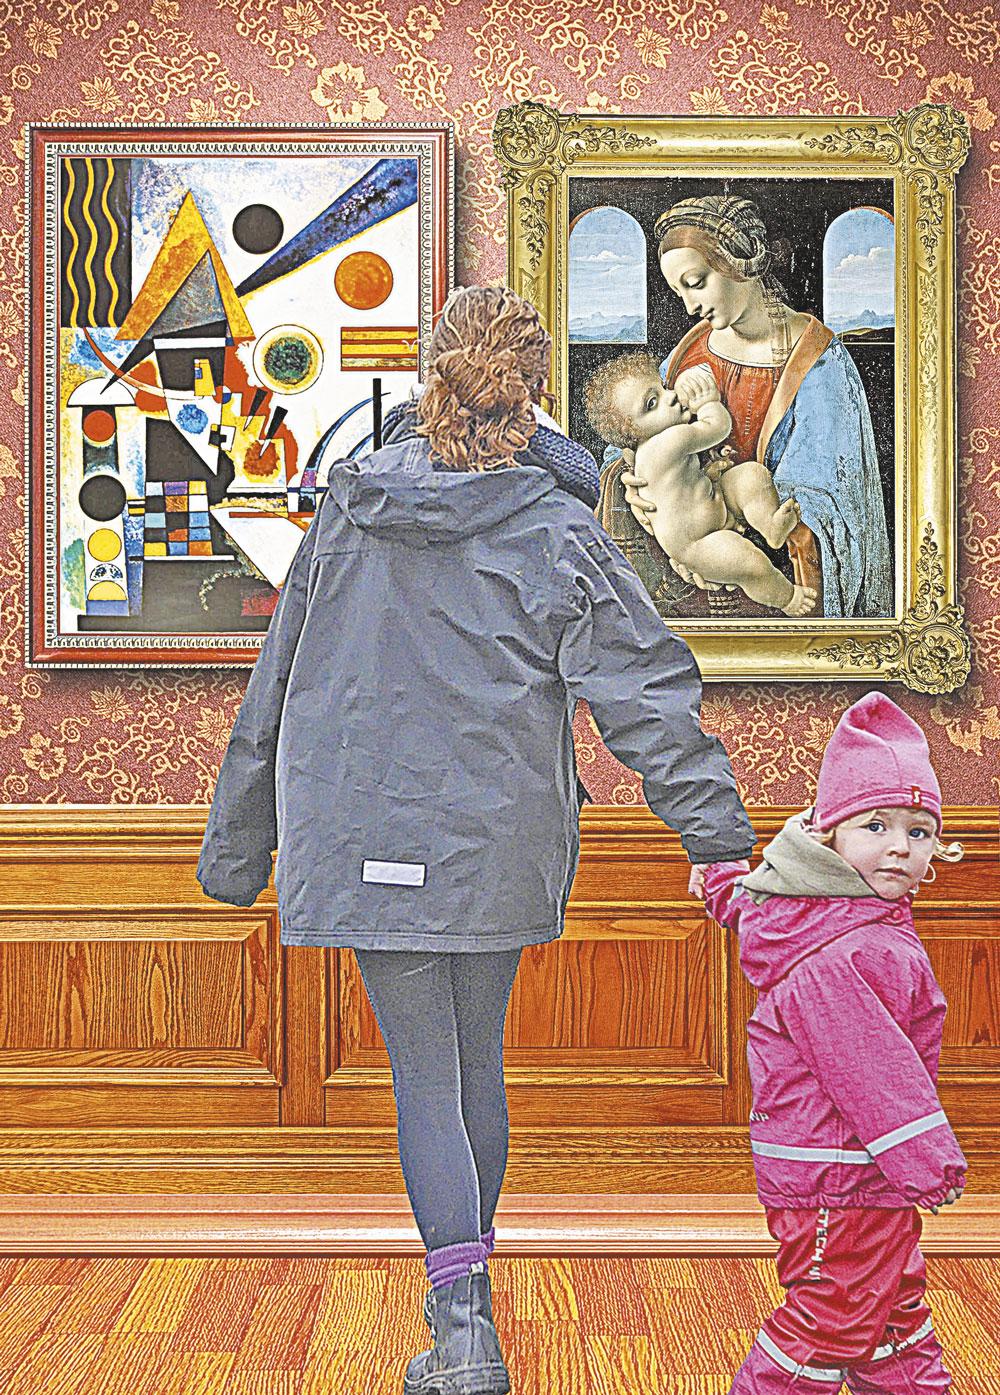 Собираясь во время поездки посетить известный музей - Эрмитаж или Лувр, - выберите несколько знаковых произведений, которые обязательно нужно увидеть.